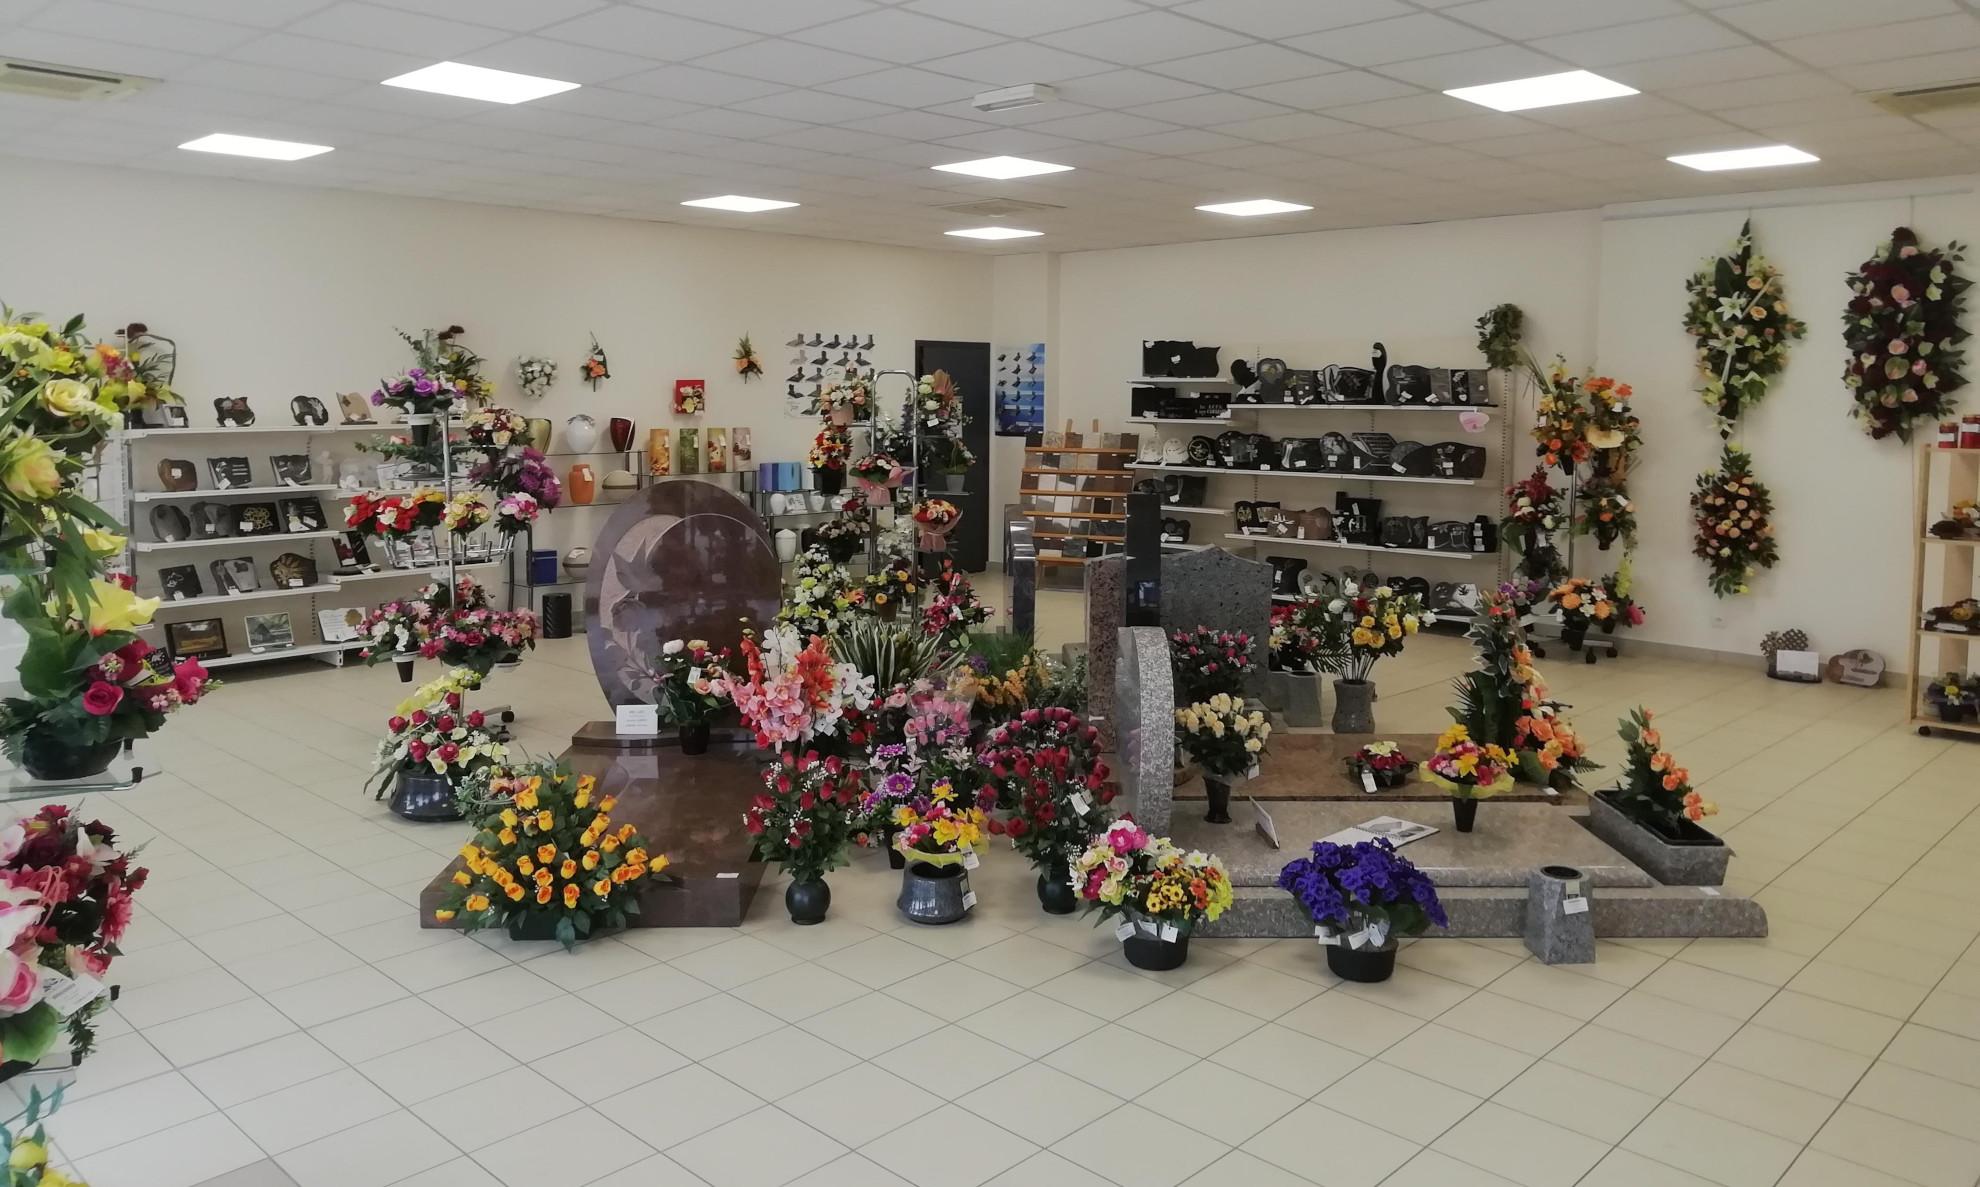 Magasin d'articles funéraires des pompes funèbres Poinsotte à Tonnerre